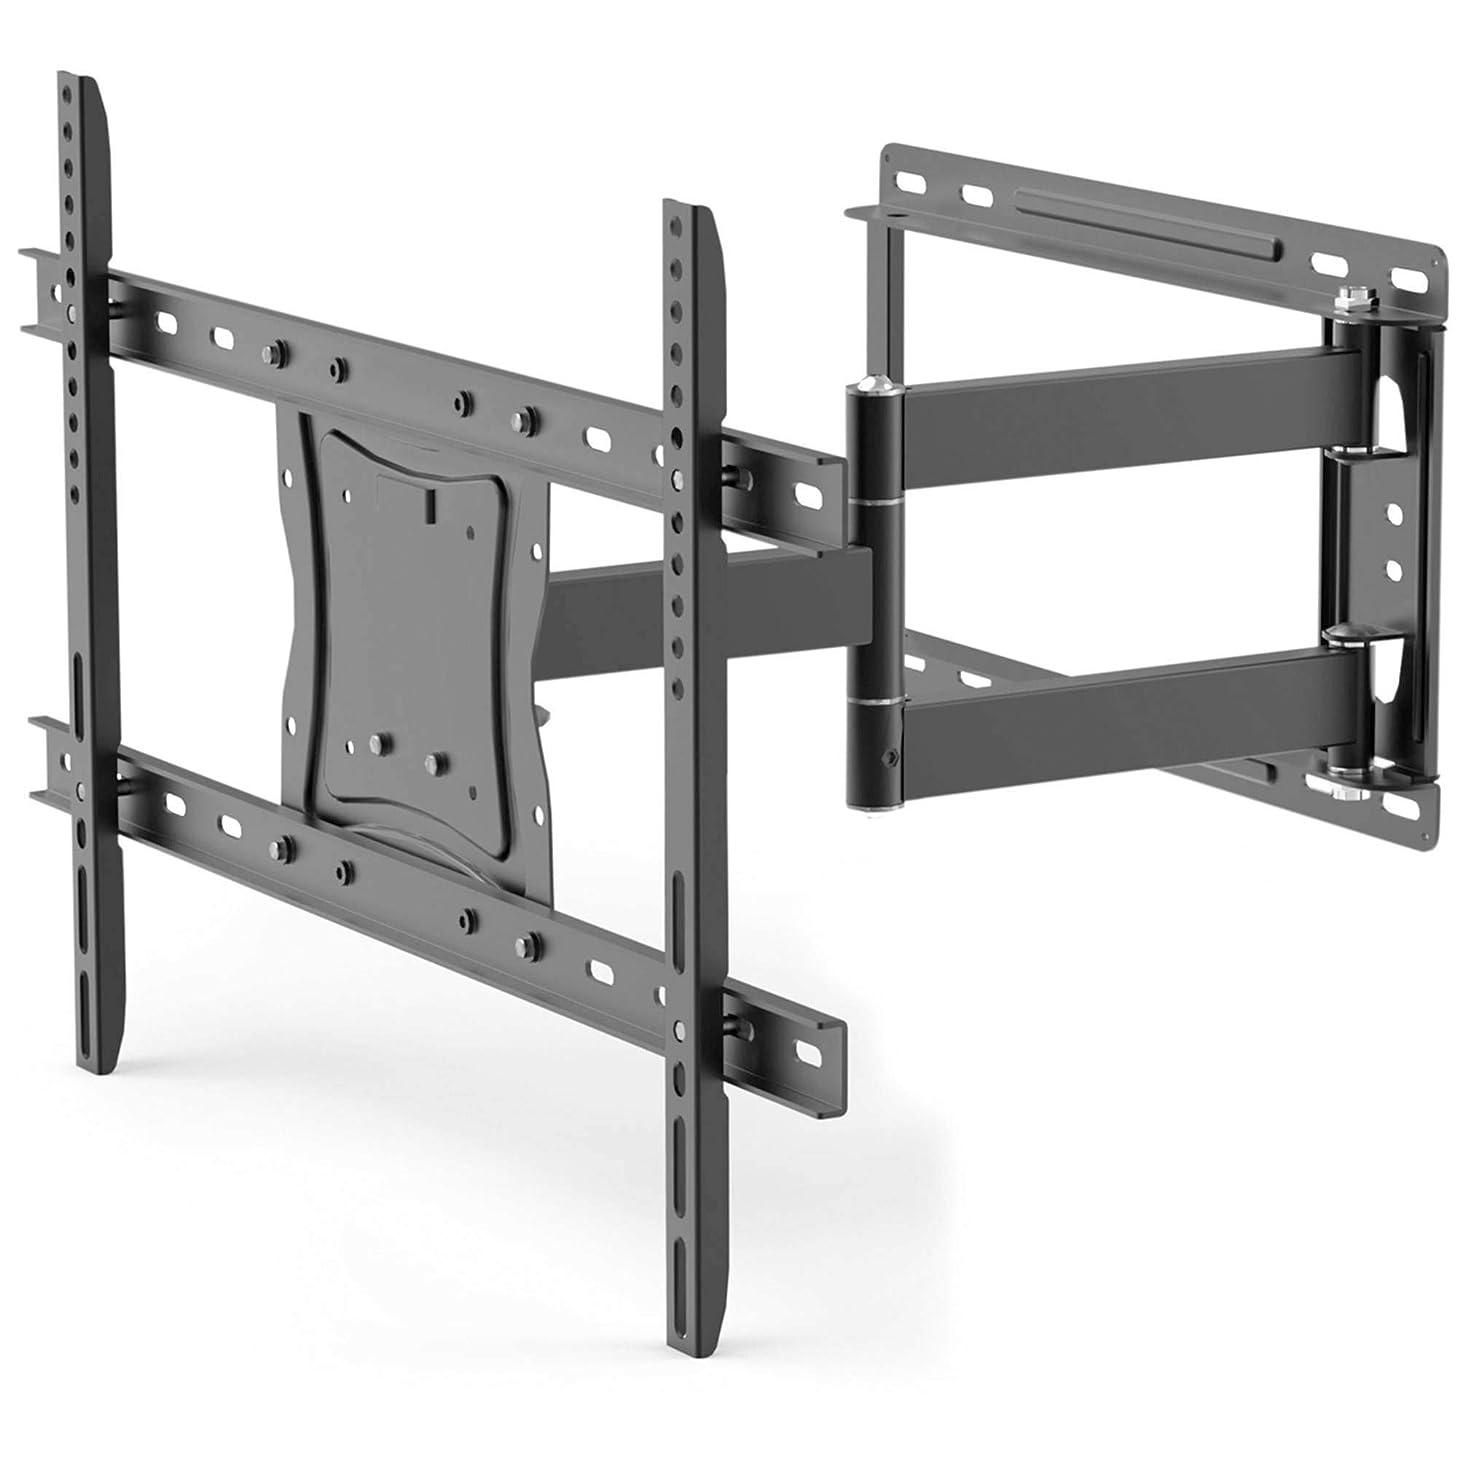 ONN ONA16TM014E Full-Motion Articulating, Tilt/Swivel, Universal Wall Mount Kit for 19